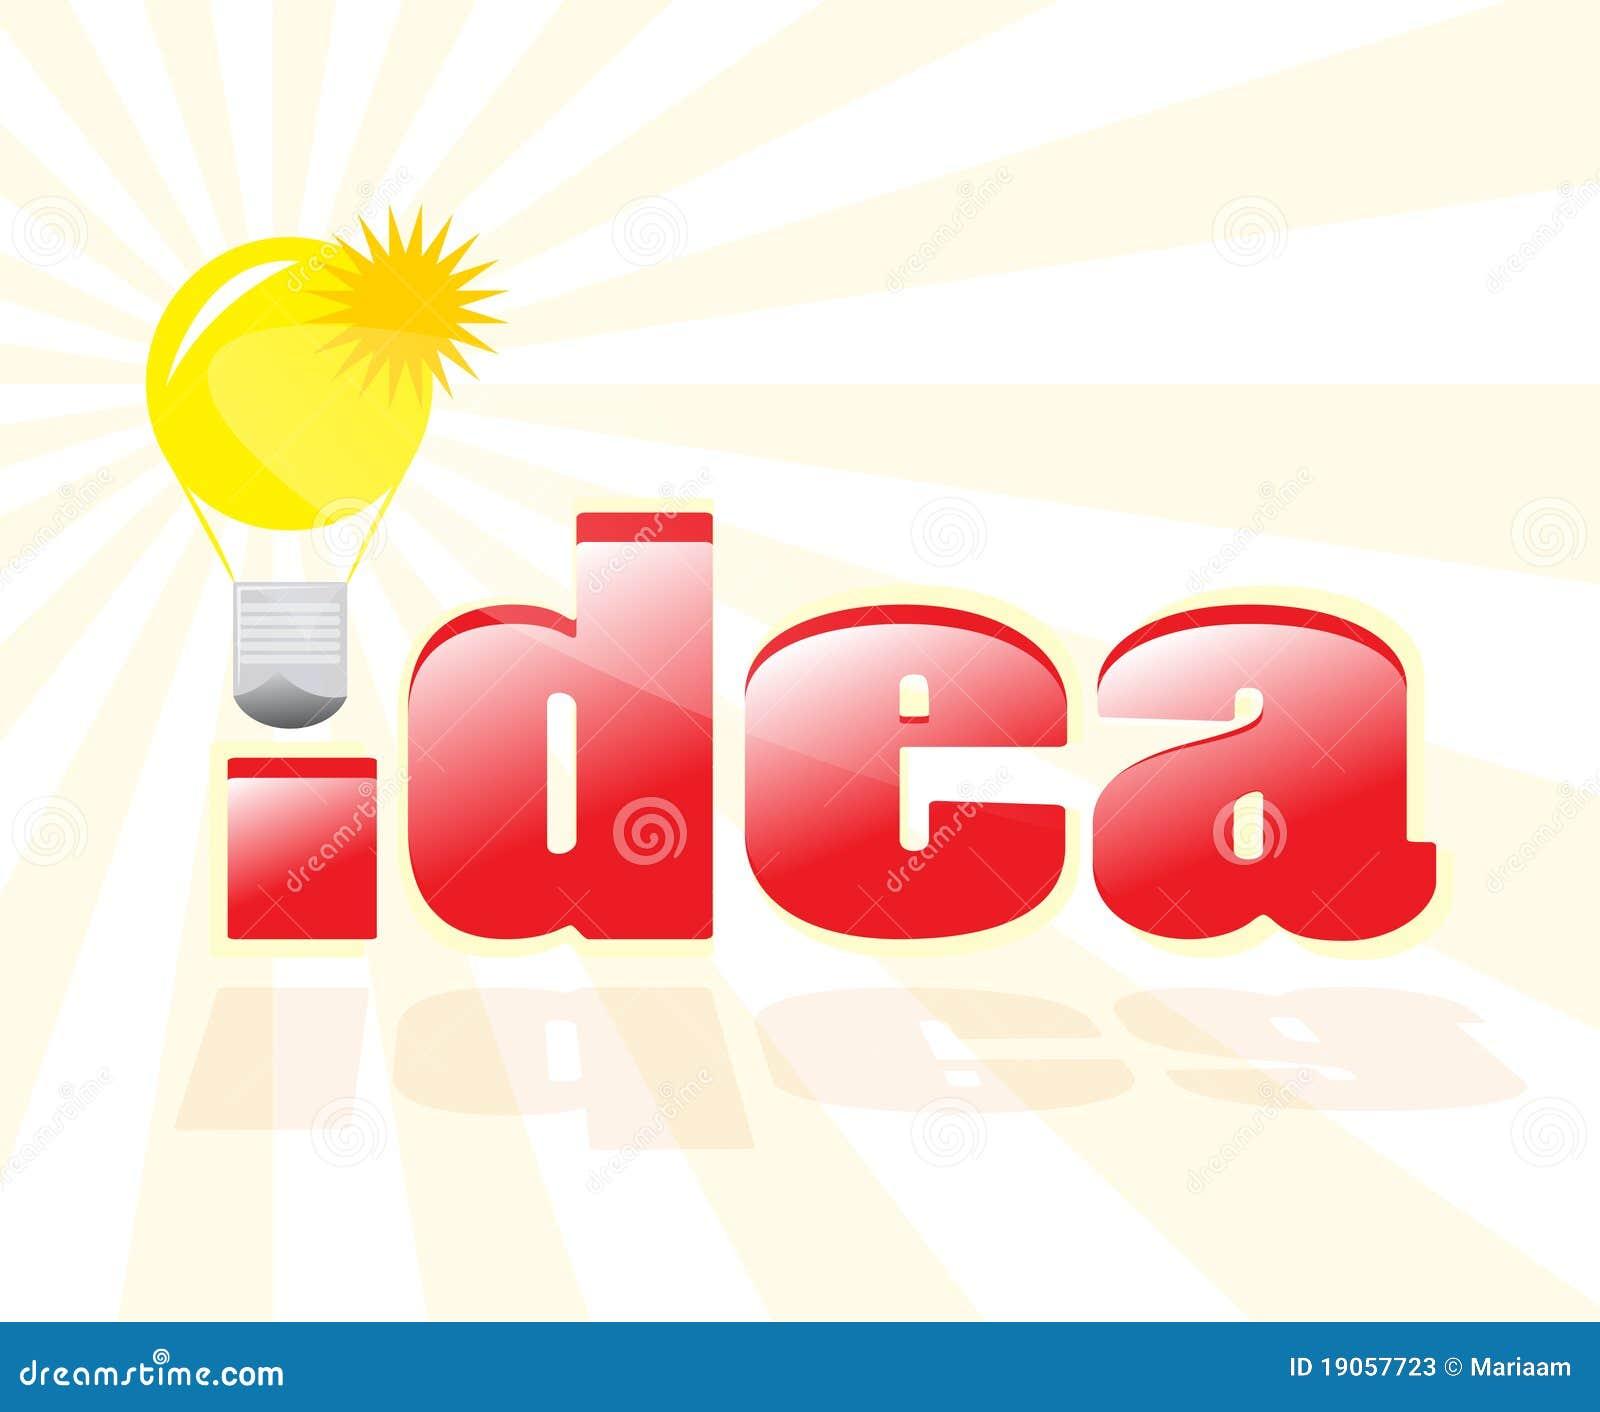 Eine gute Idee haben!